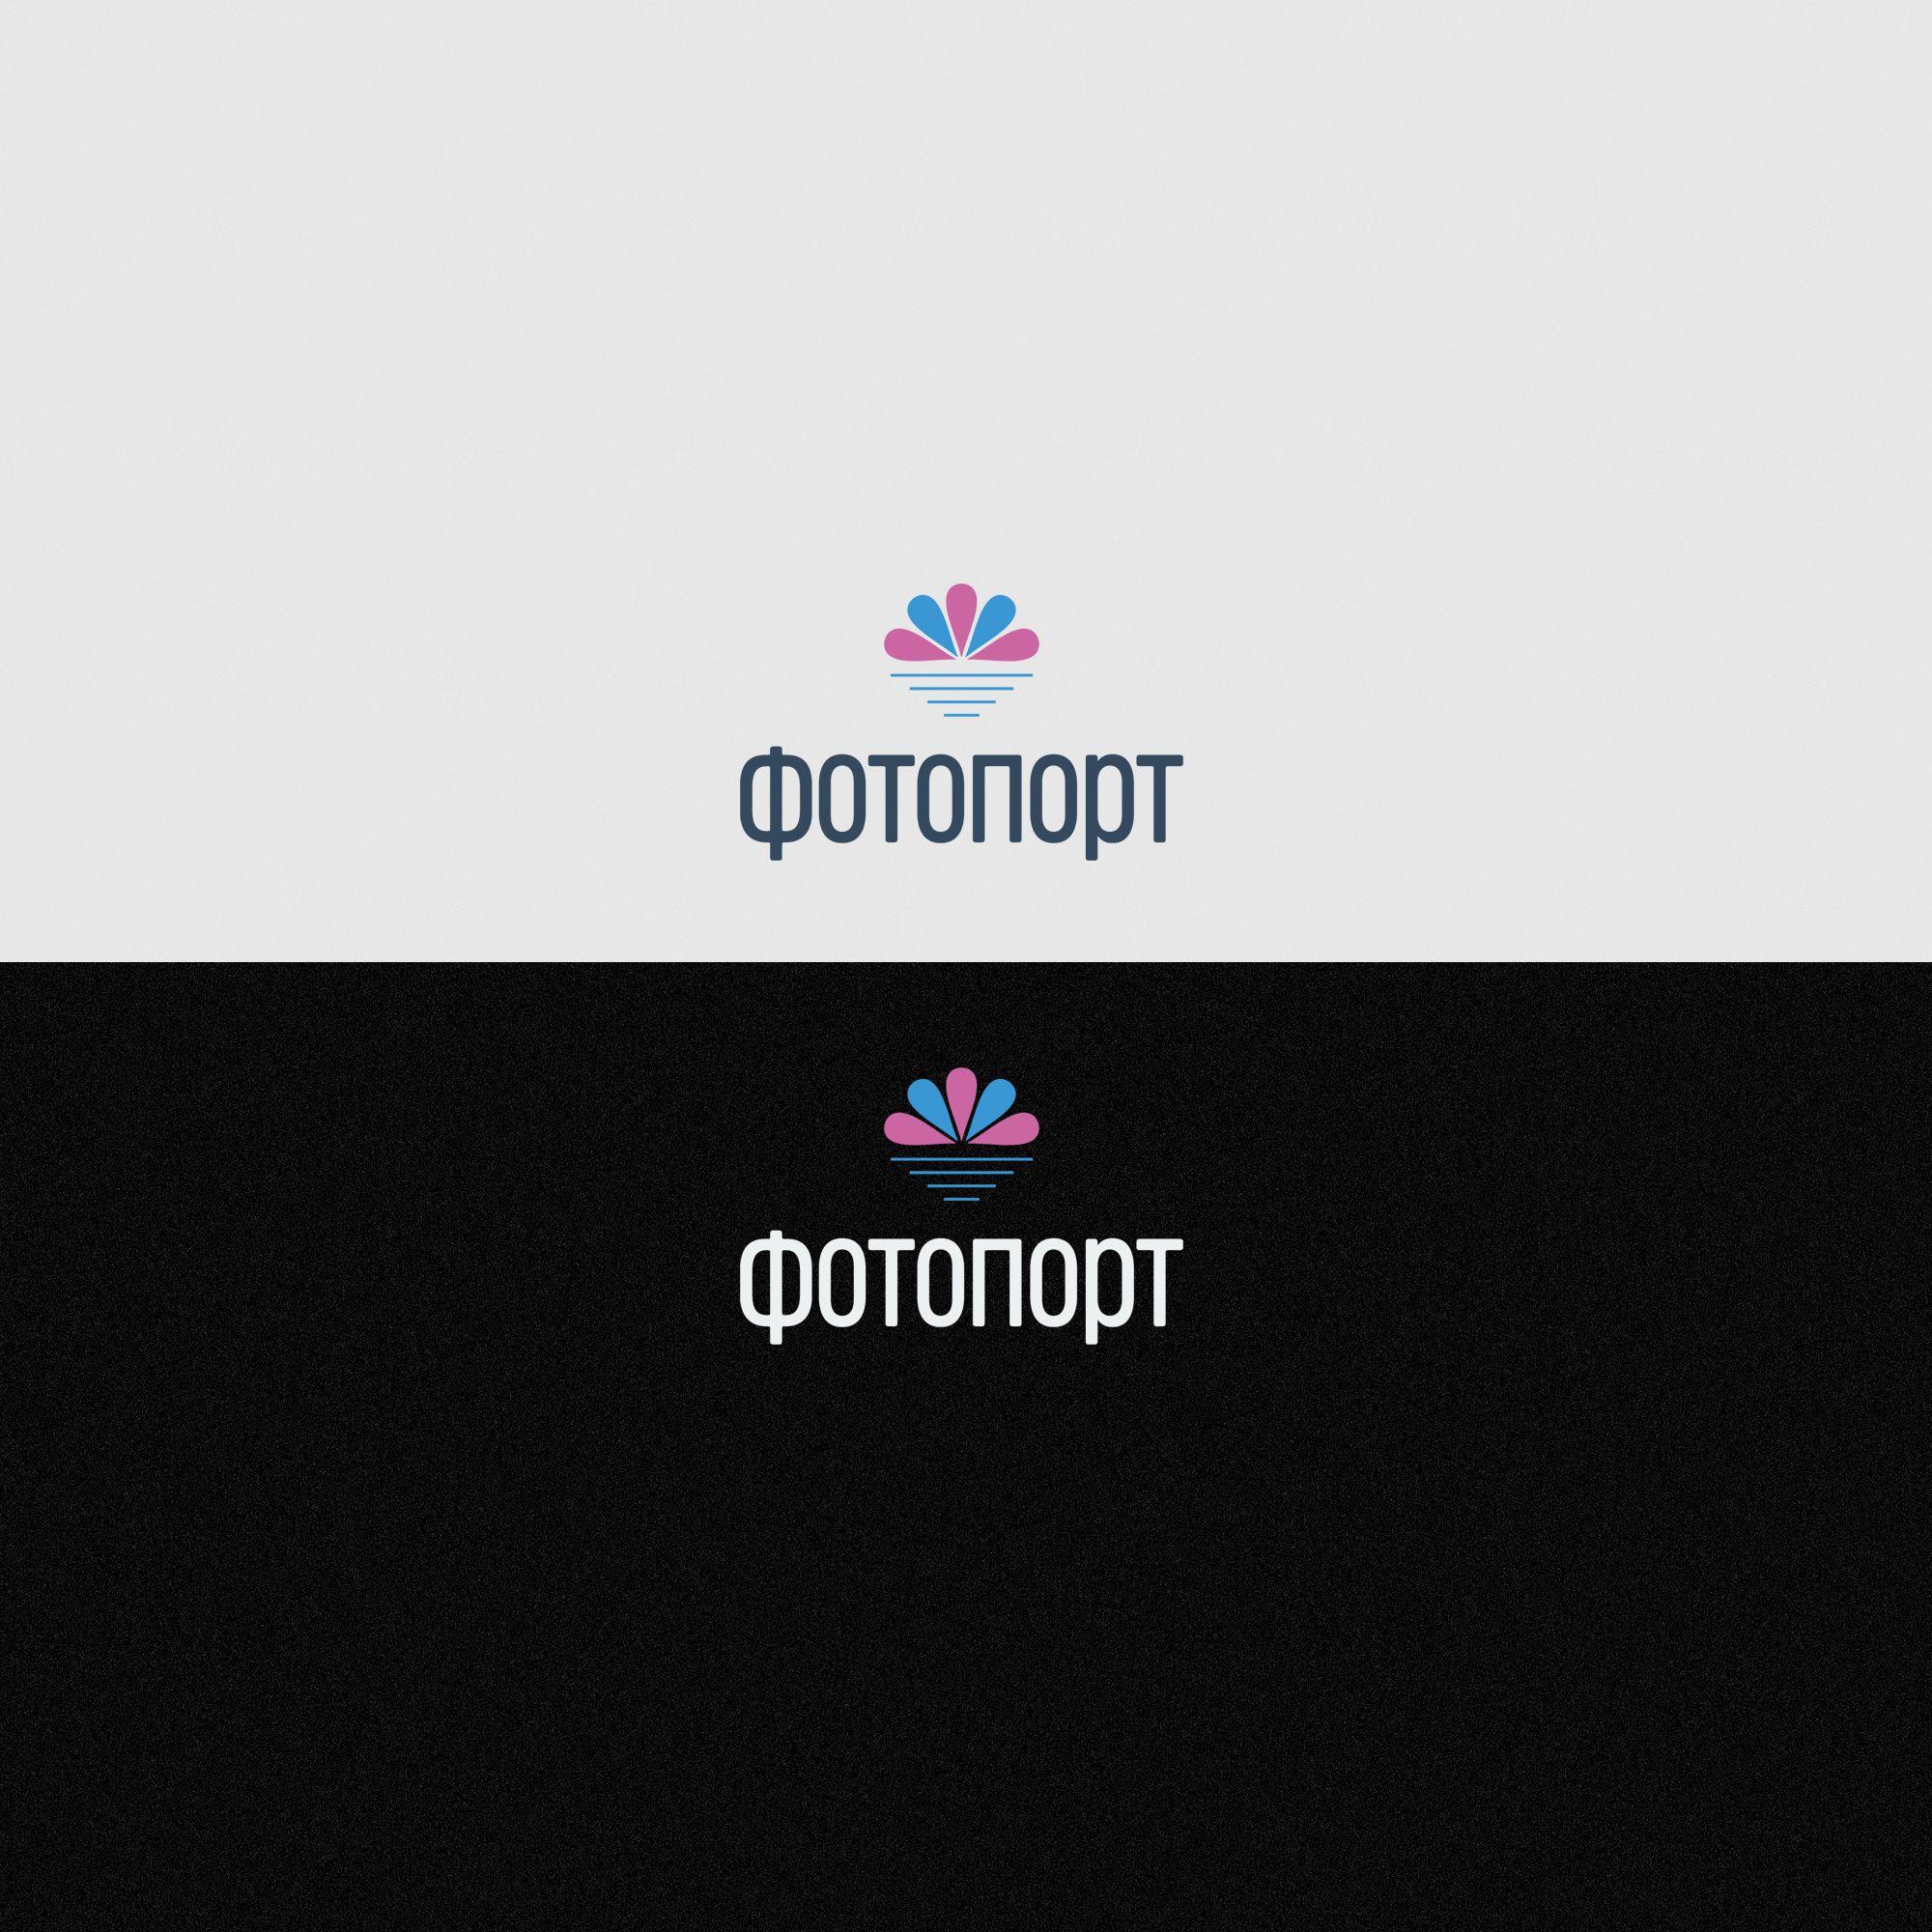 Разработка логотипа для крупной фотокомпании - дизайнер Gas-Min